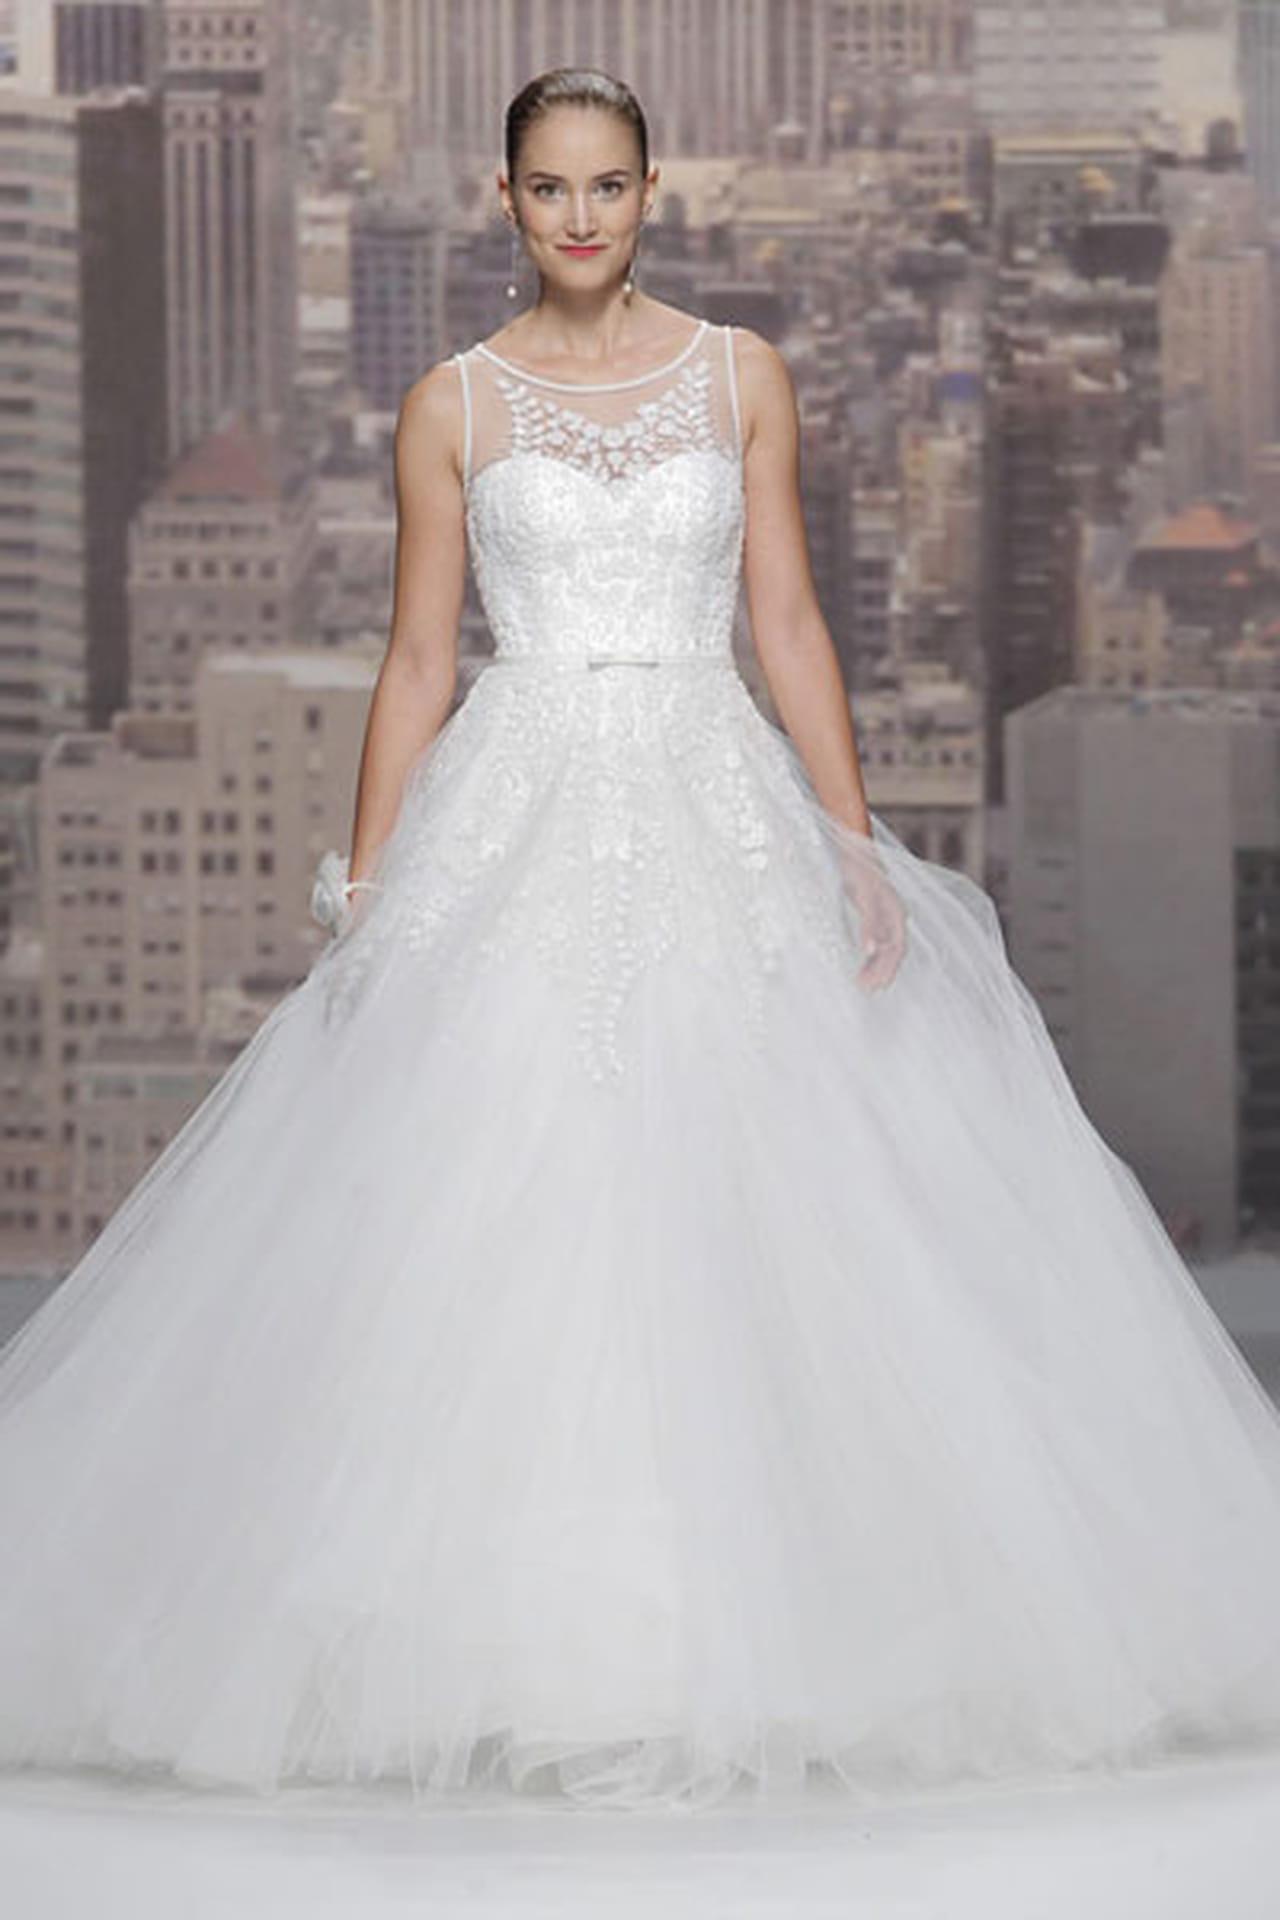 تصاميم حالمة في فساتين زفاف 820506